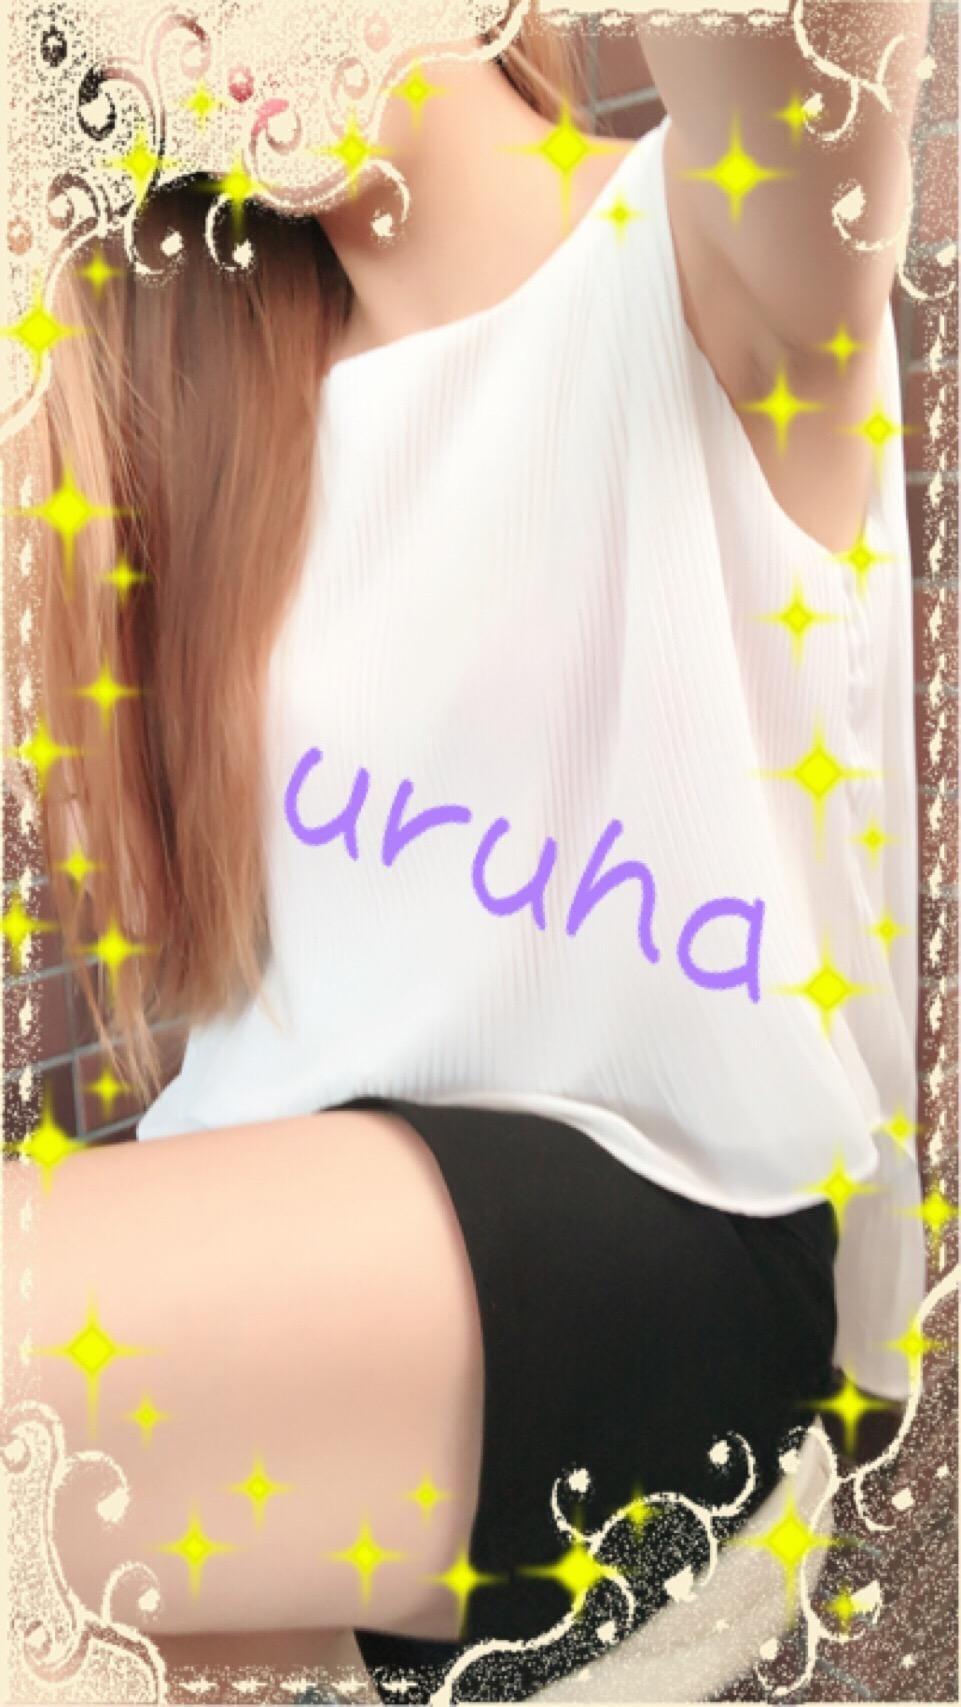 「久しぶりの…」07/10(07/10) 16:21   星野うるはの写メ・風俗動画